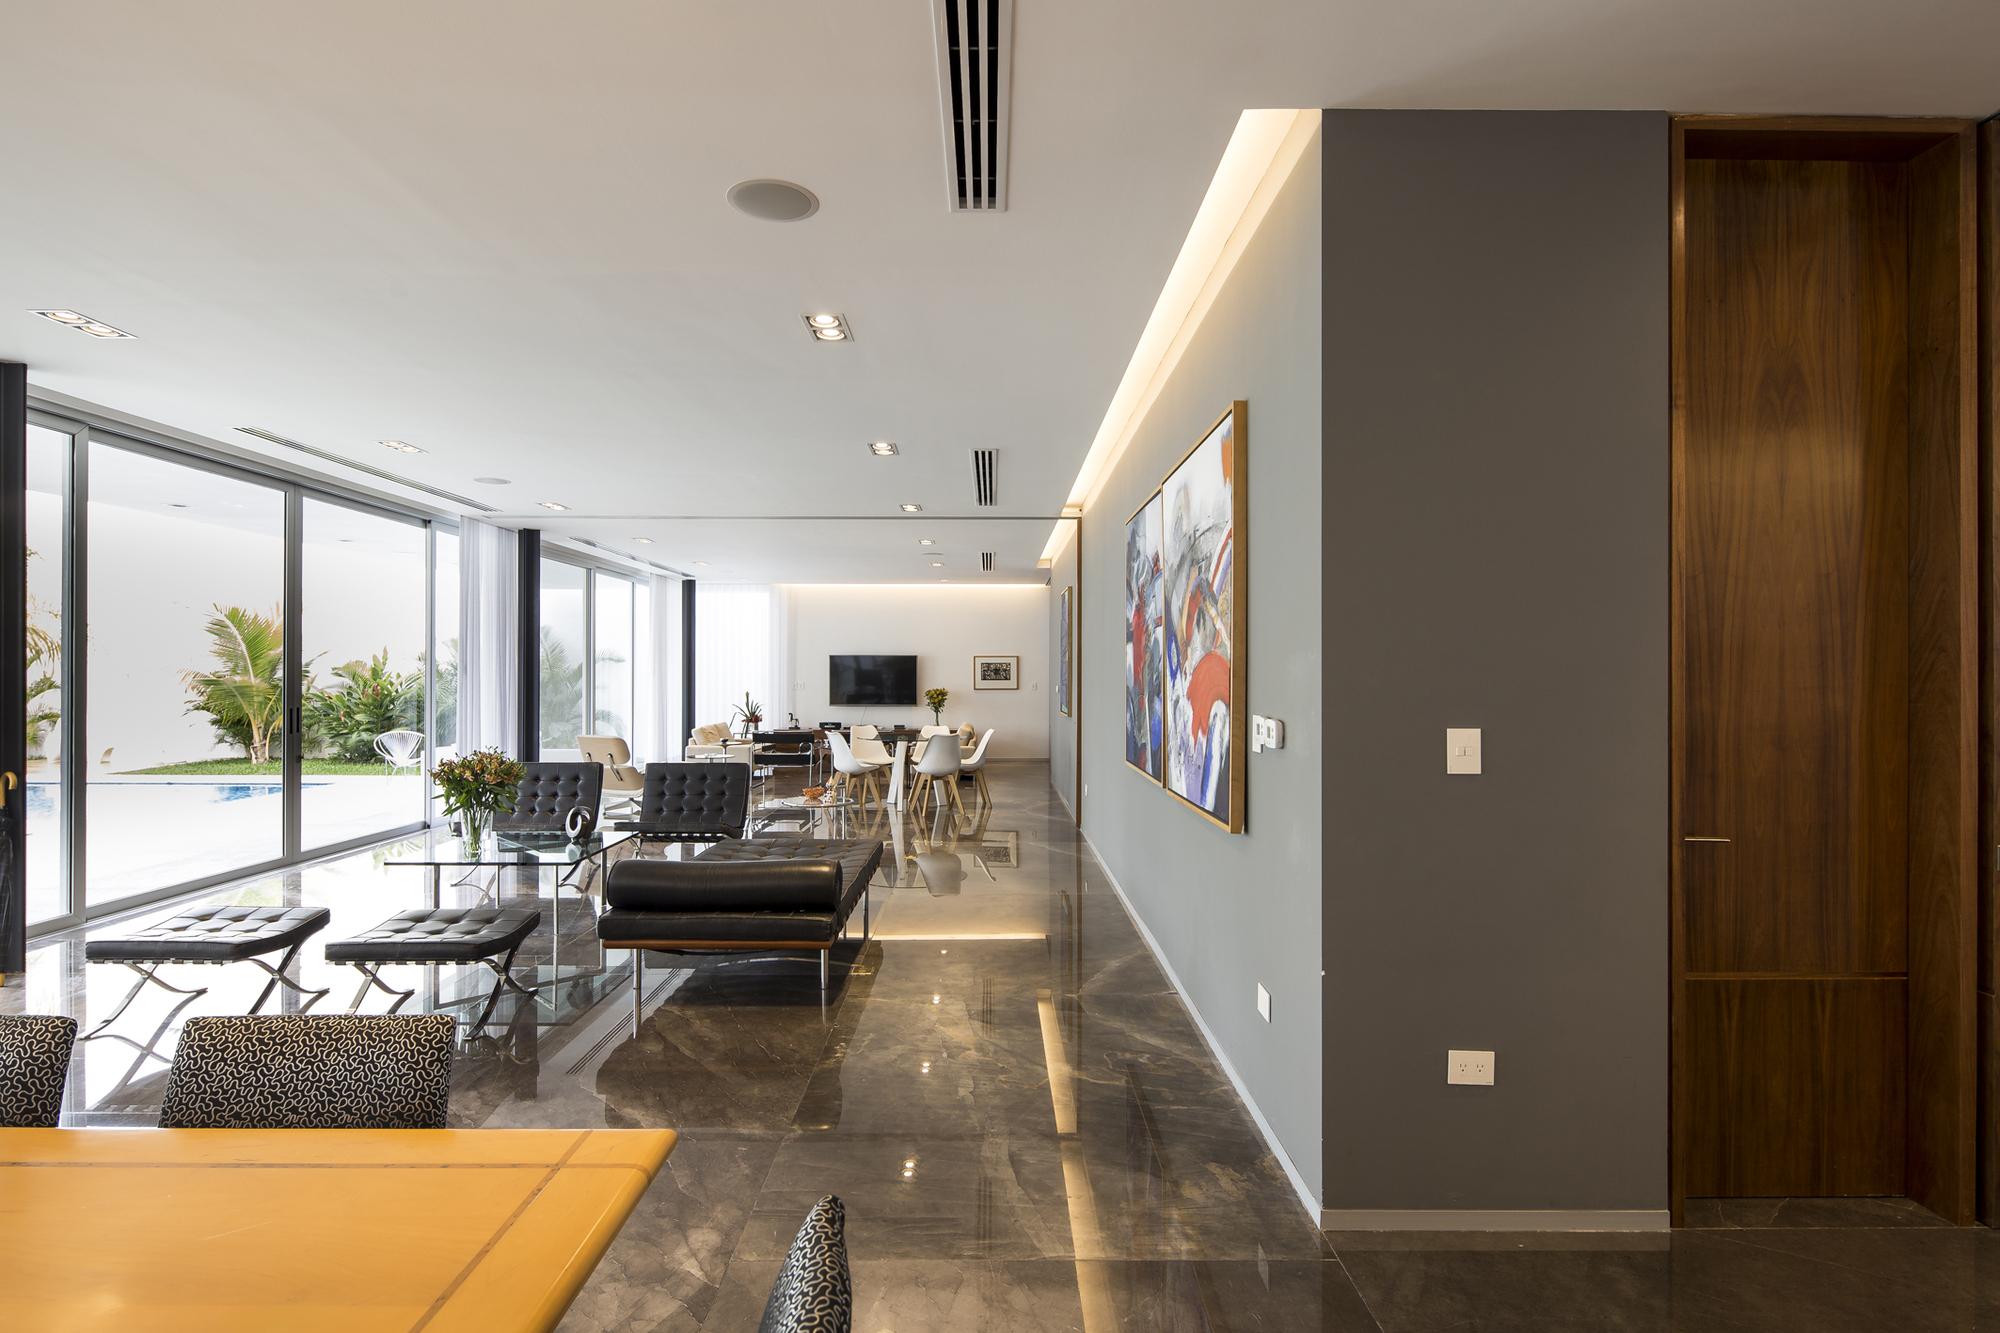 Galer a de casa ancha augusto quijano arquitectos 7 for Arquitectos para casas